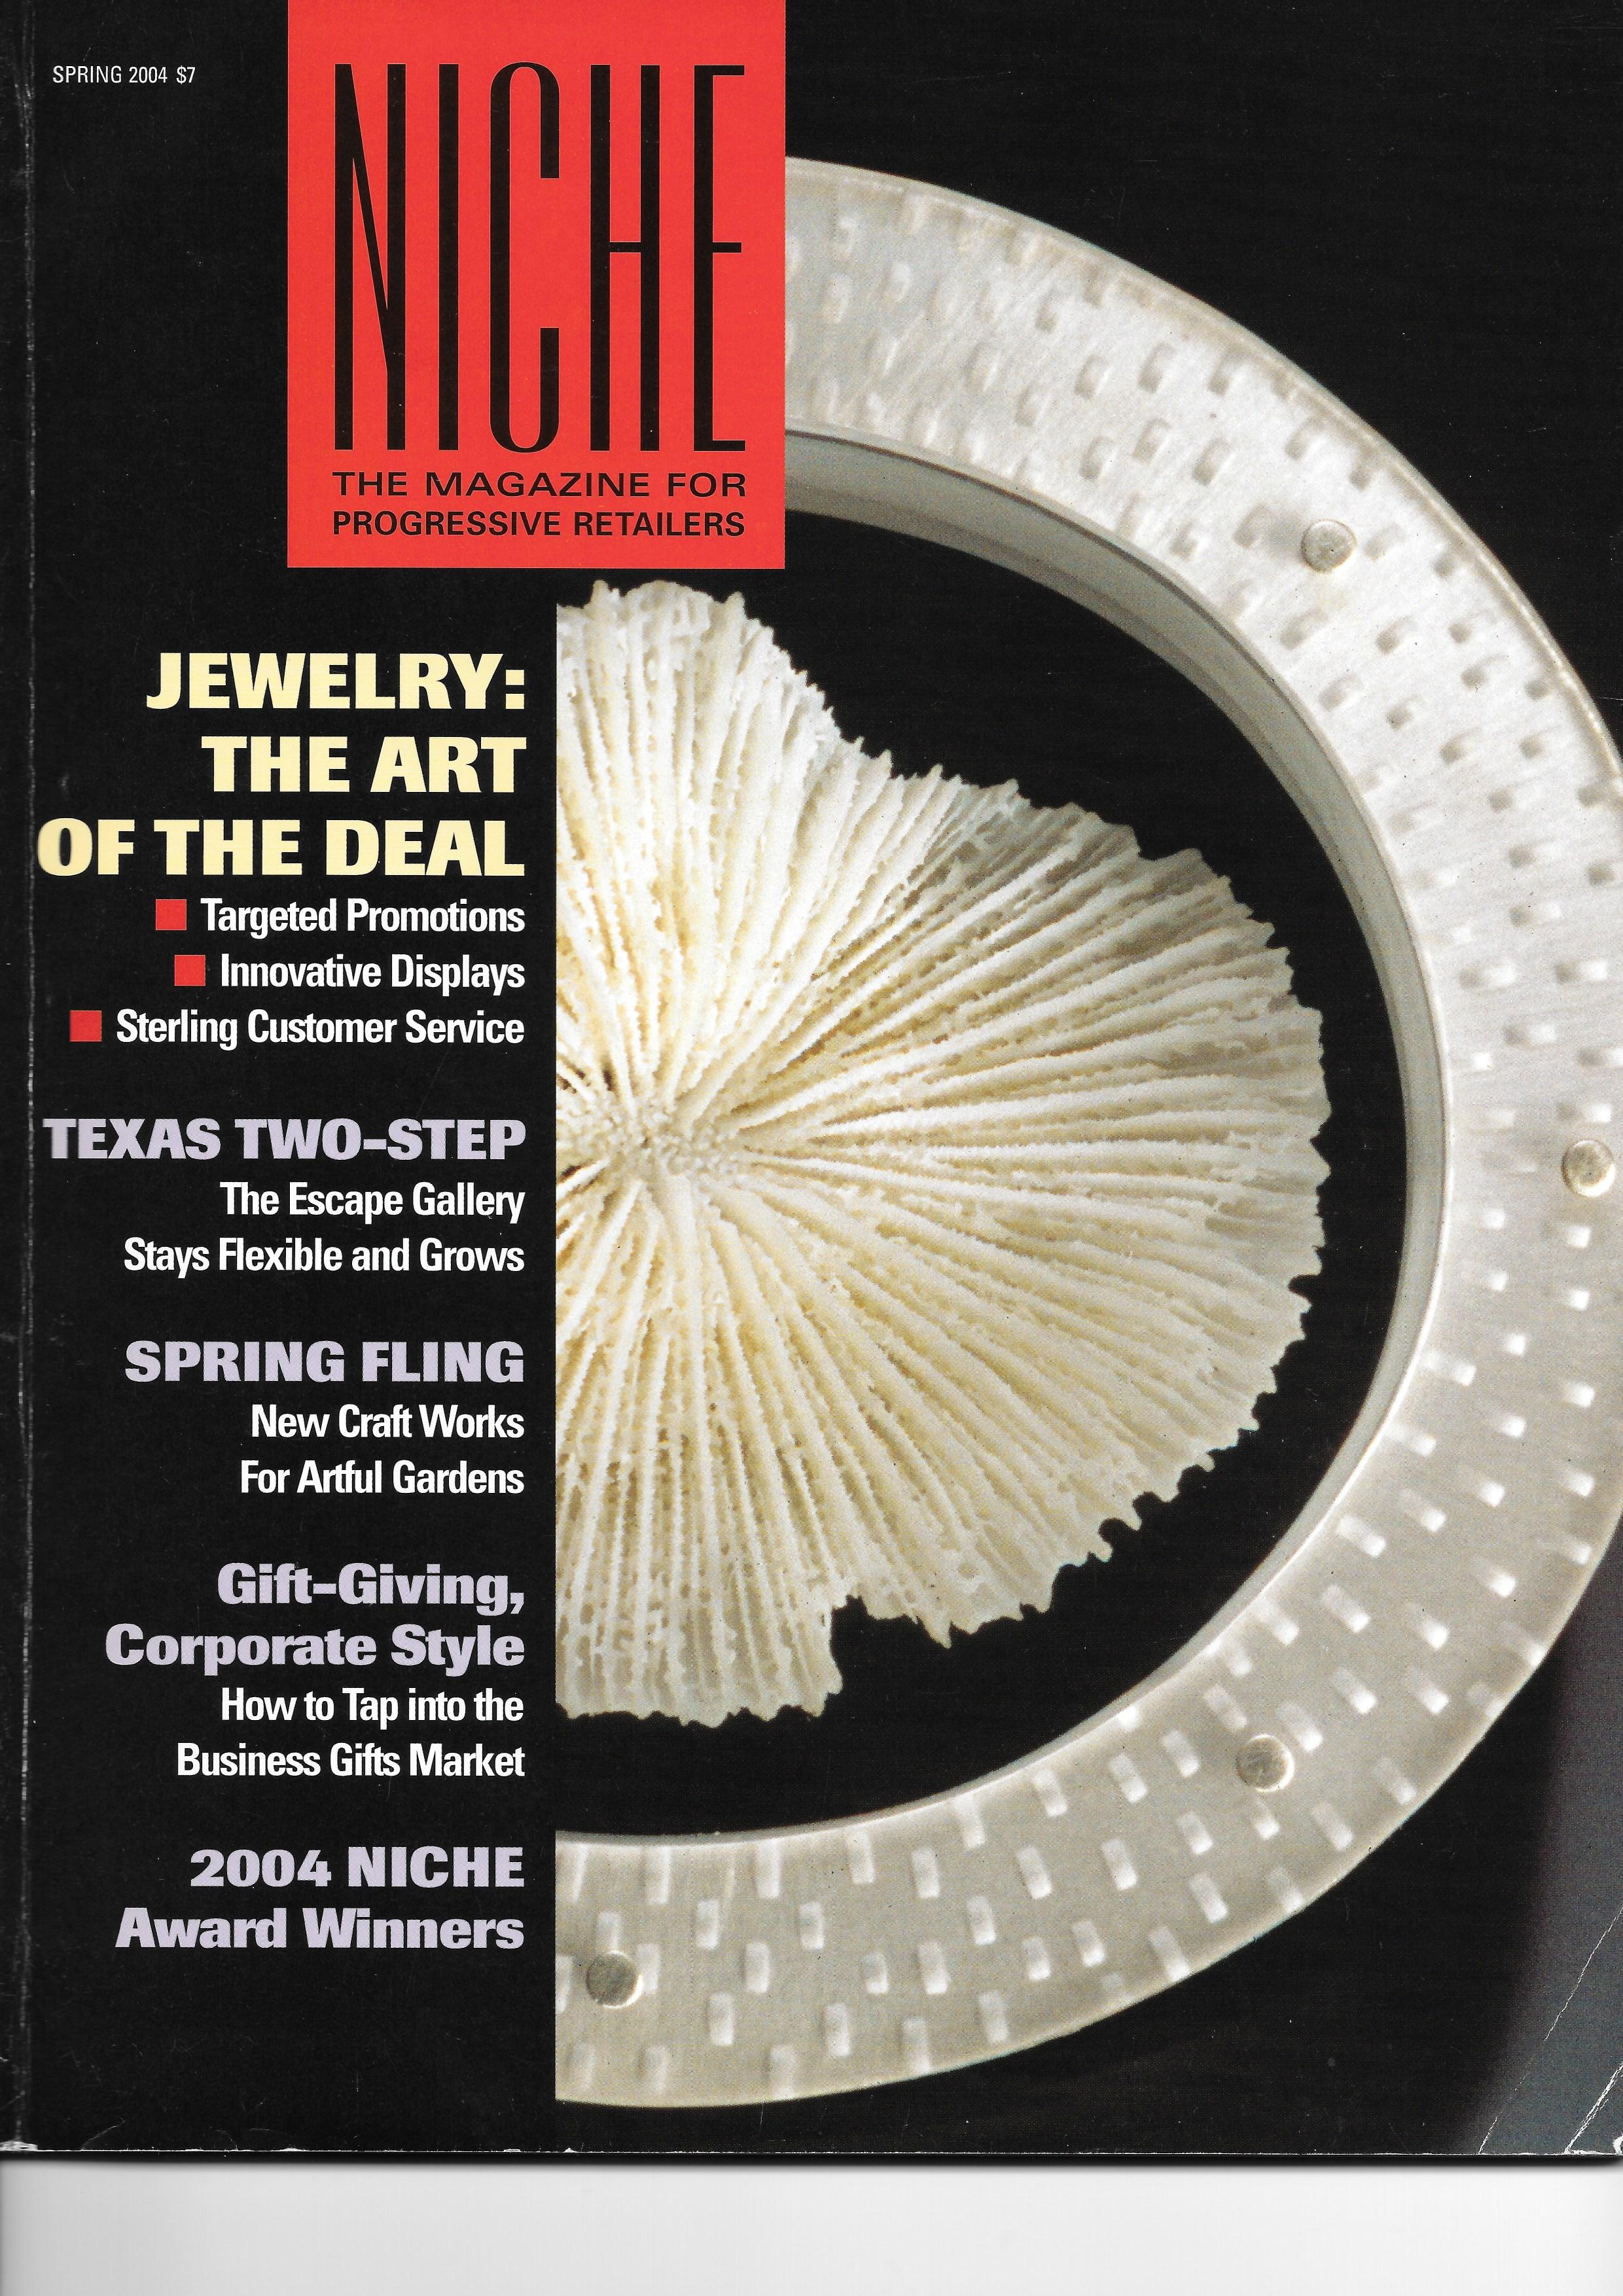 Spring 2004 Niche Magazine